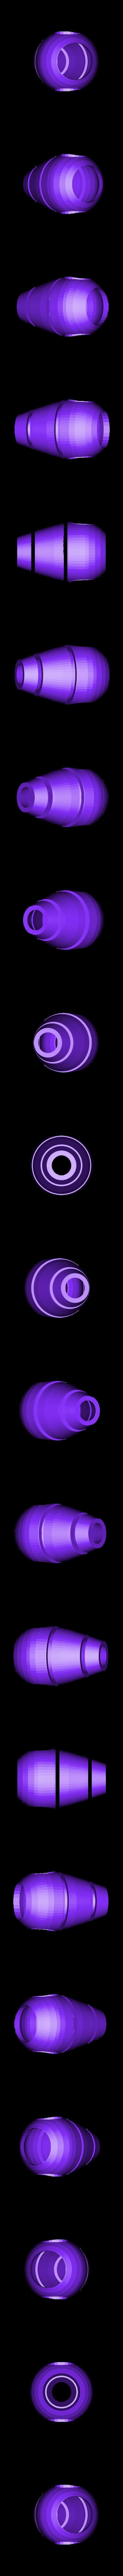 Rocket12a.stl Download free STL file 8 Color Rocket • 3D printing design, ykratter